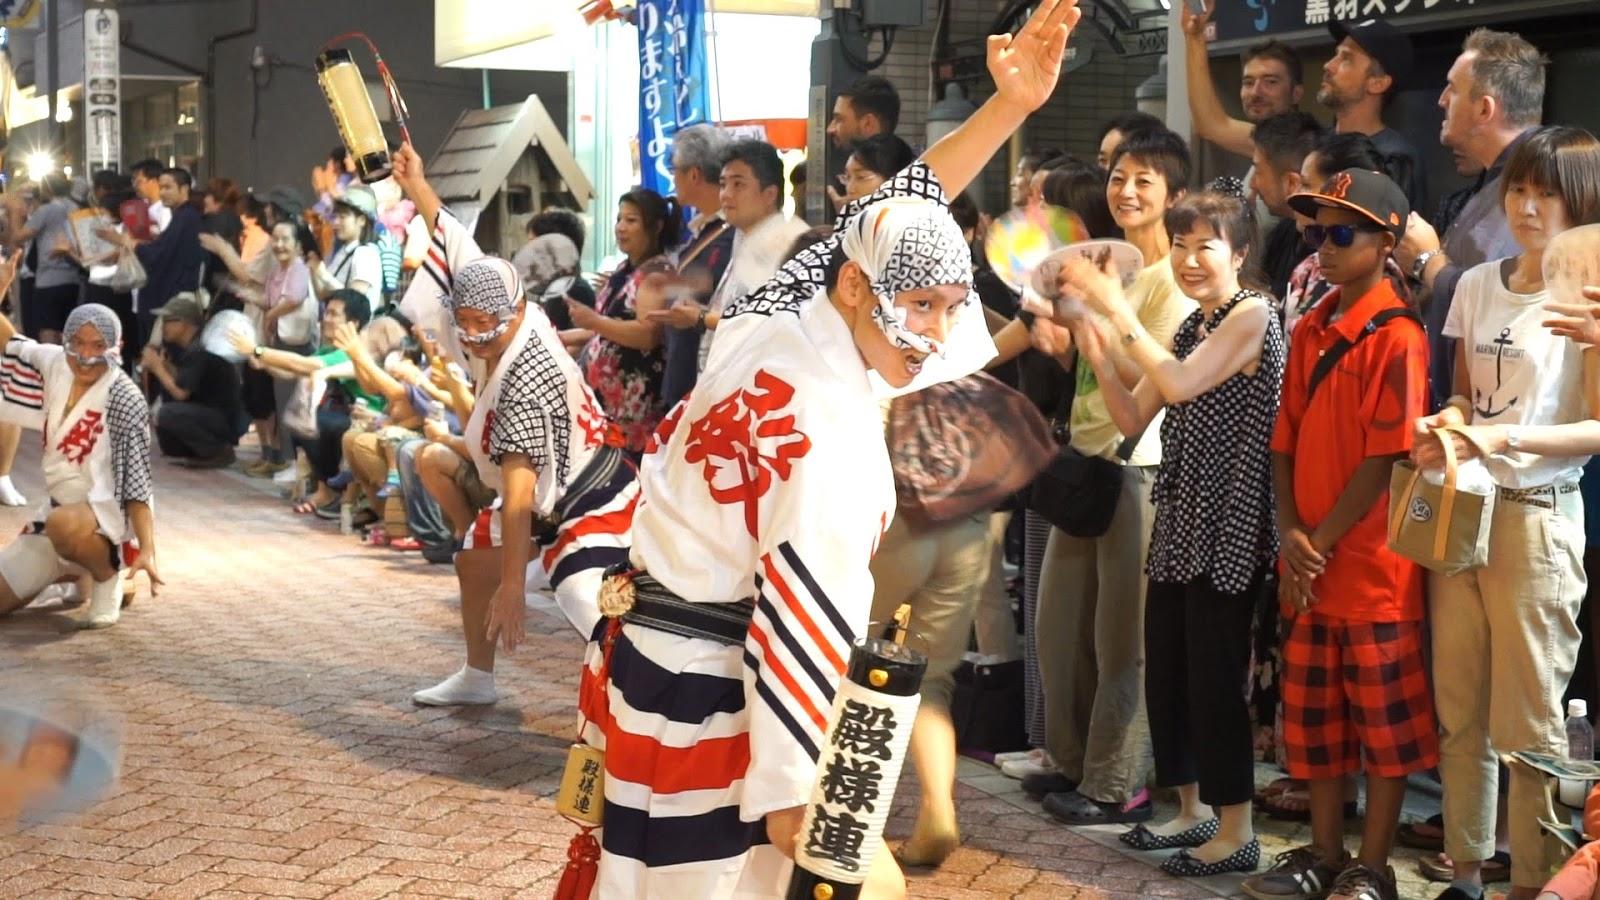 高円寺阿波おどり、徳島の殿様連の動画を見る